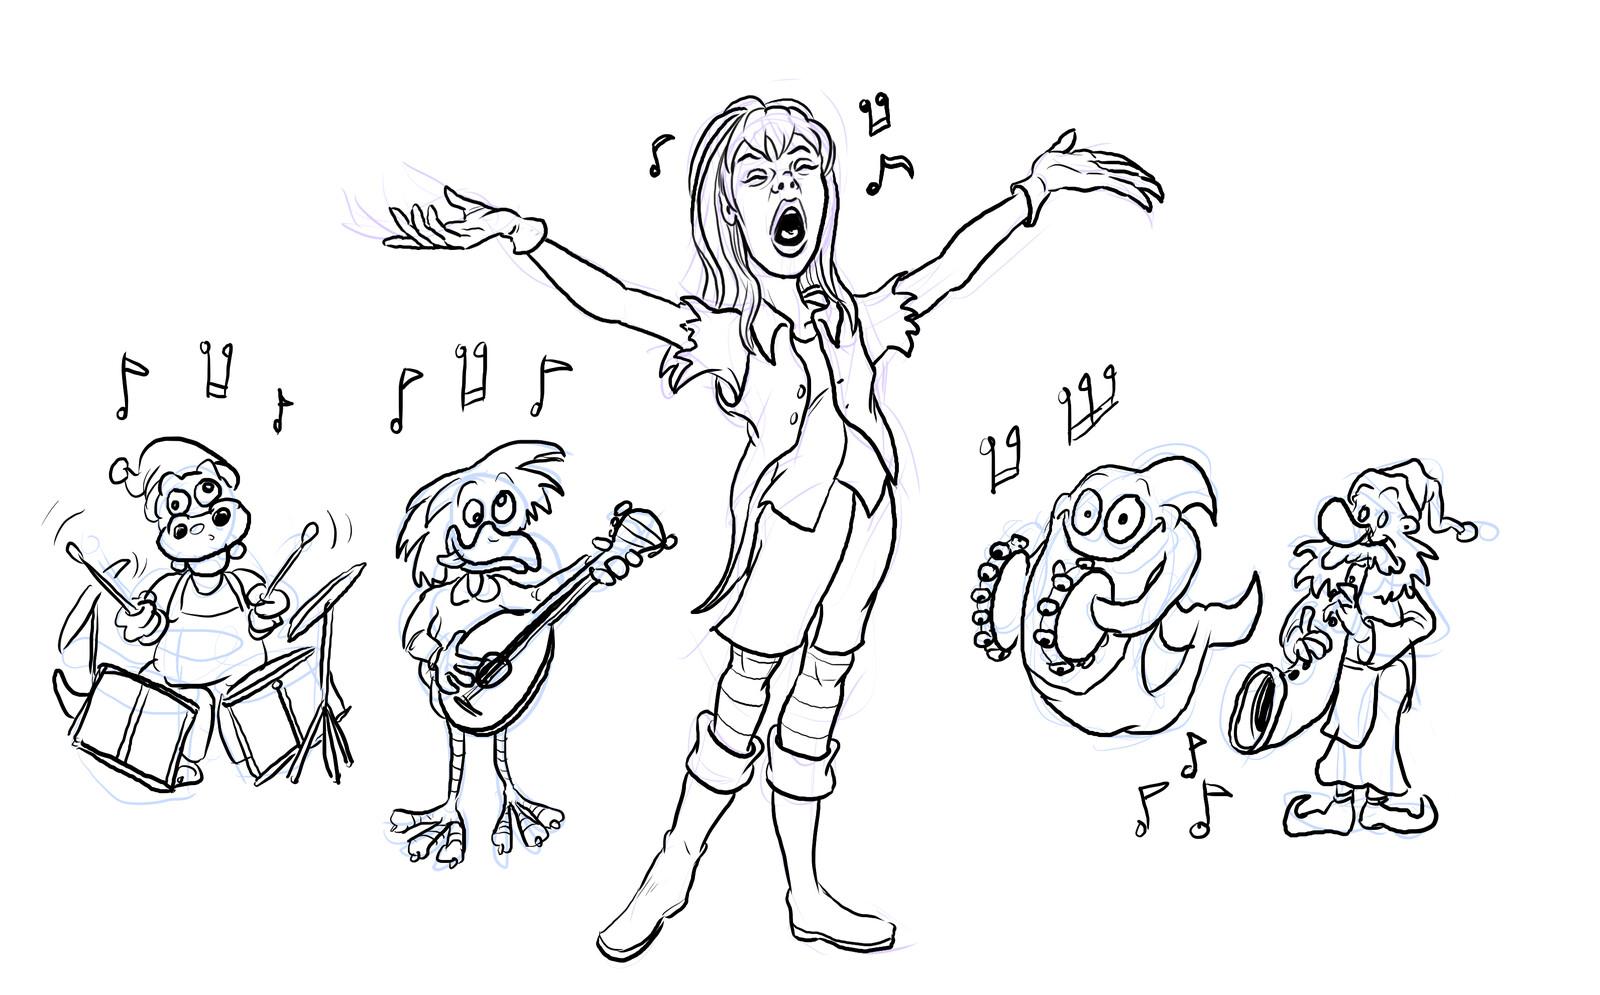 Lili singing